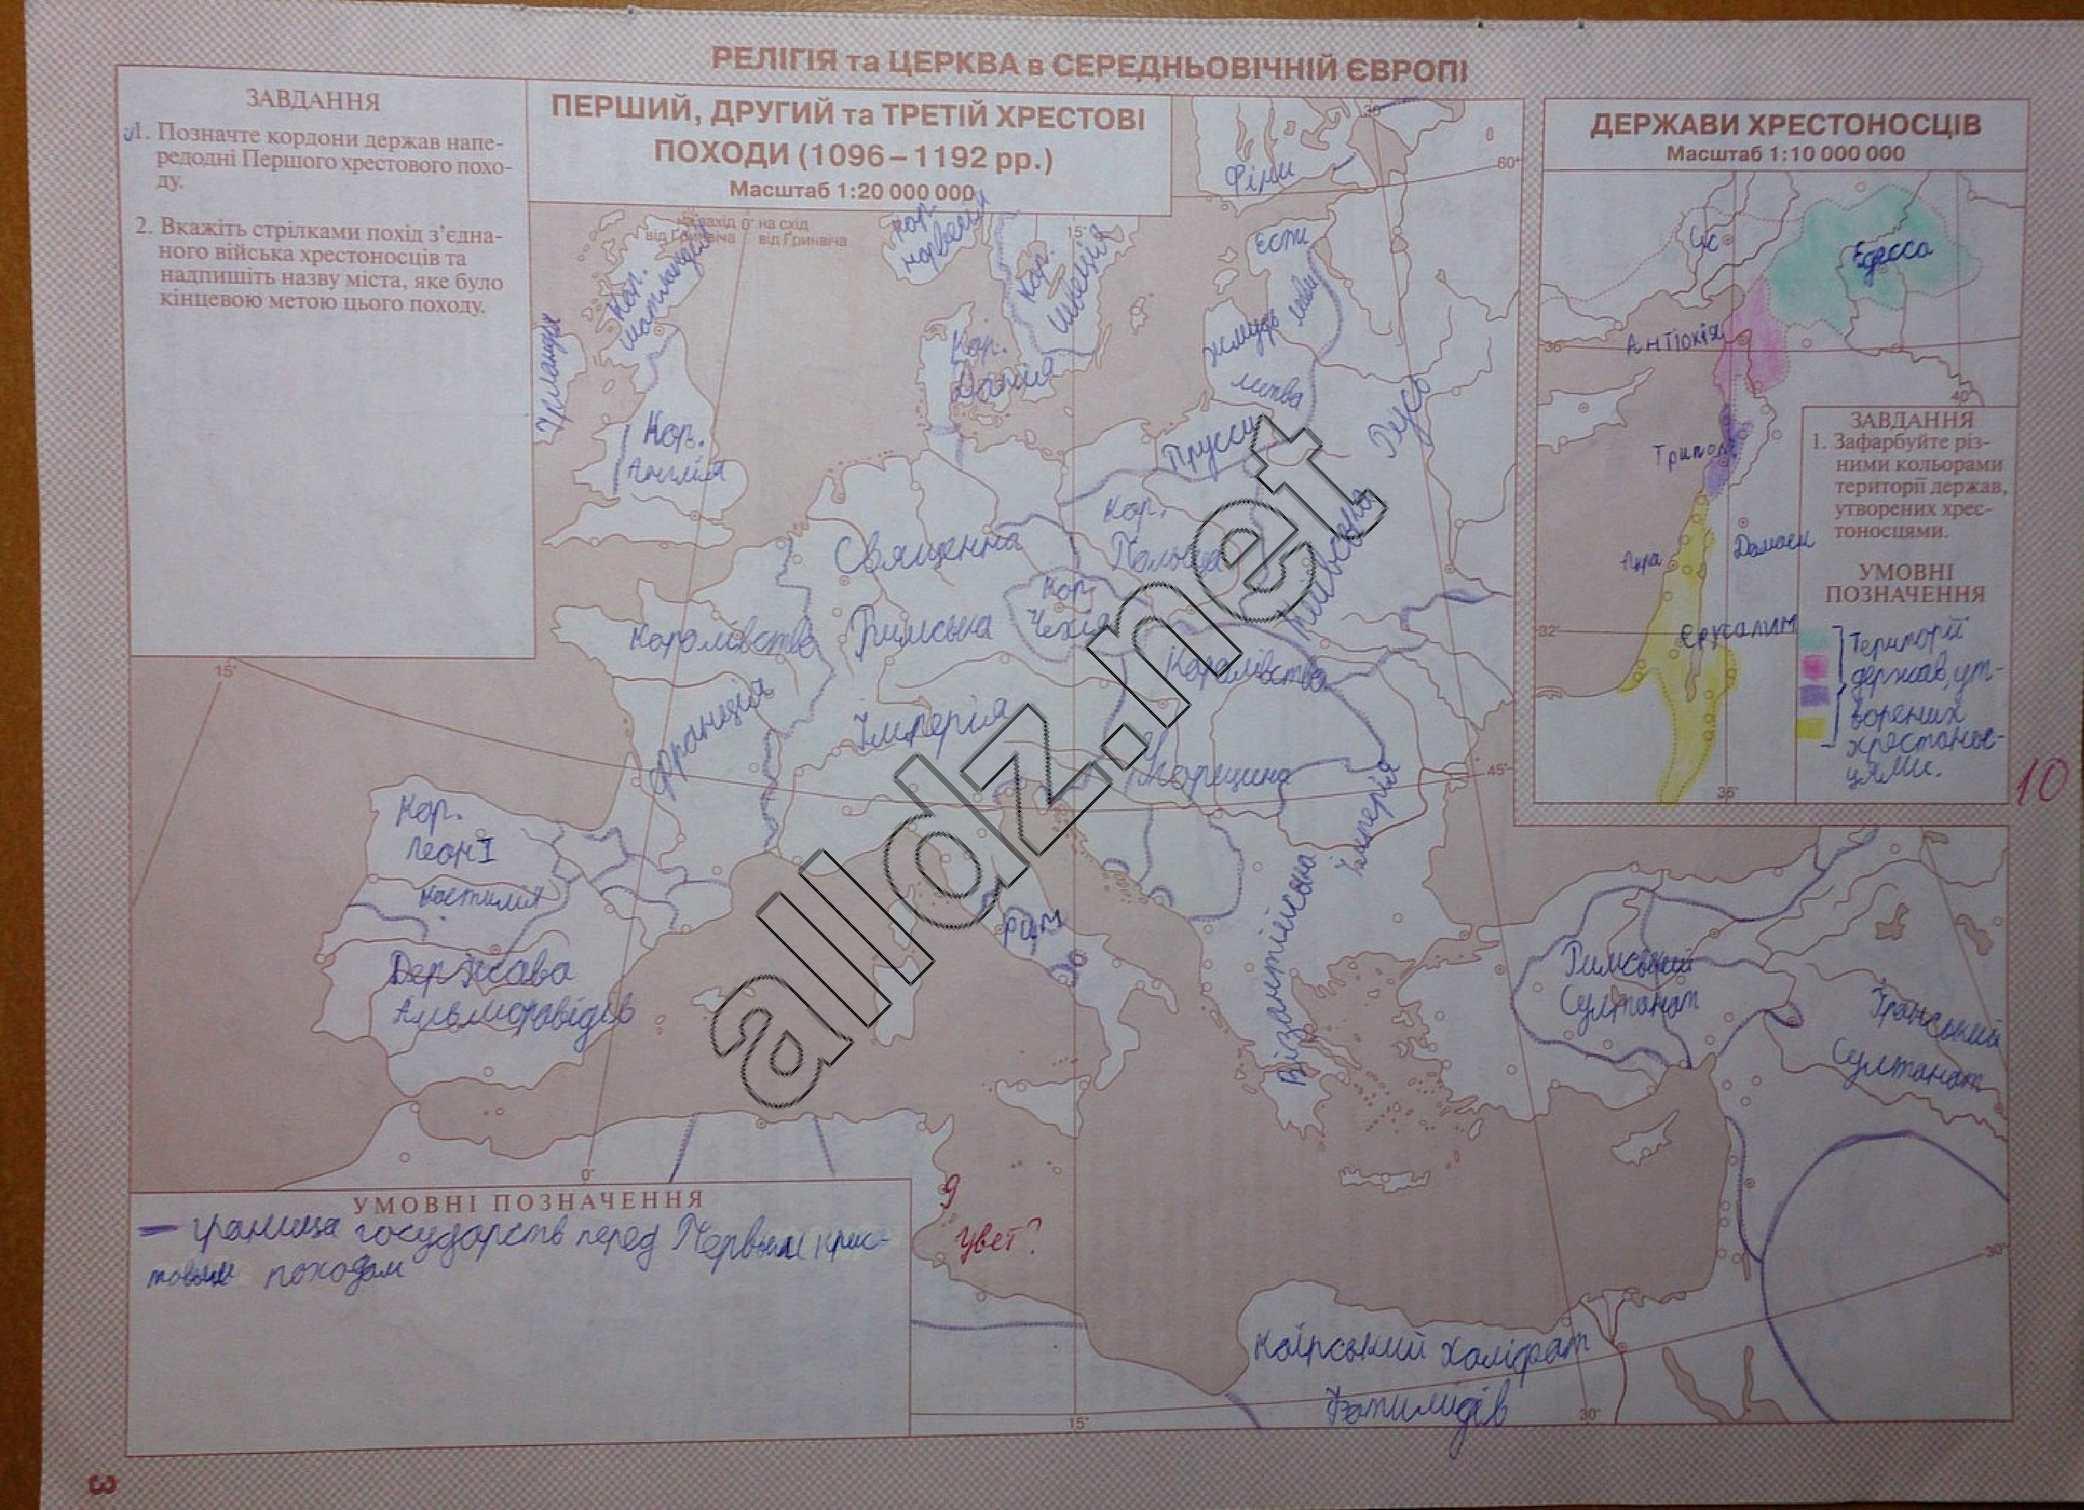 Картографія клас всесвітньої контурна 7 гдз з історії карта